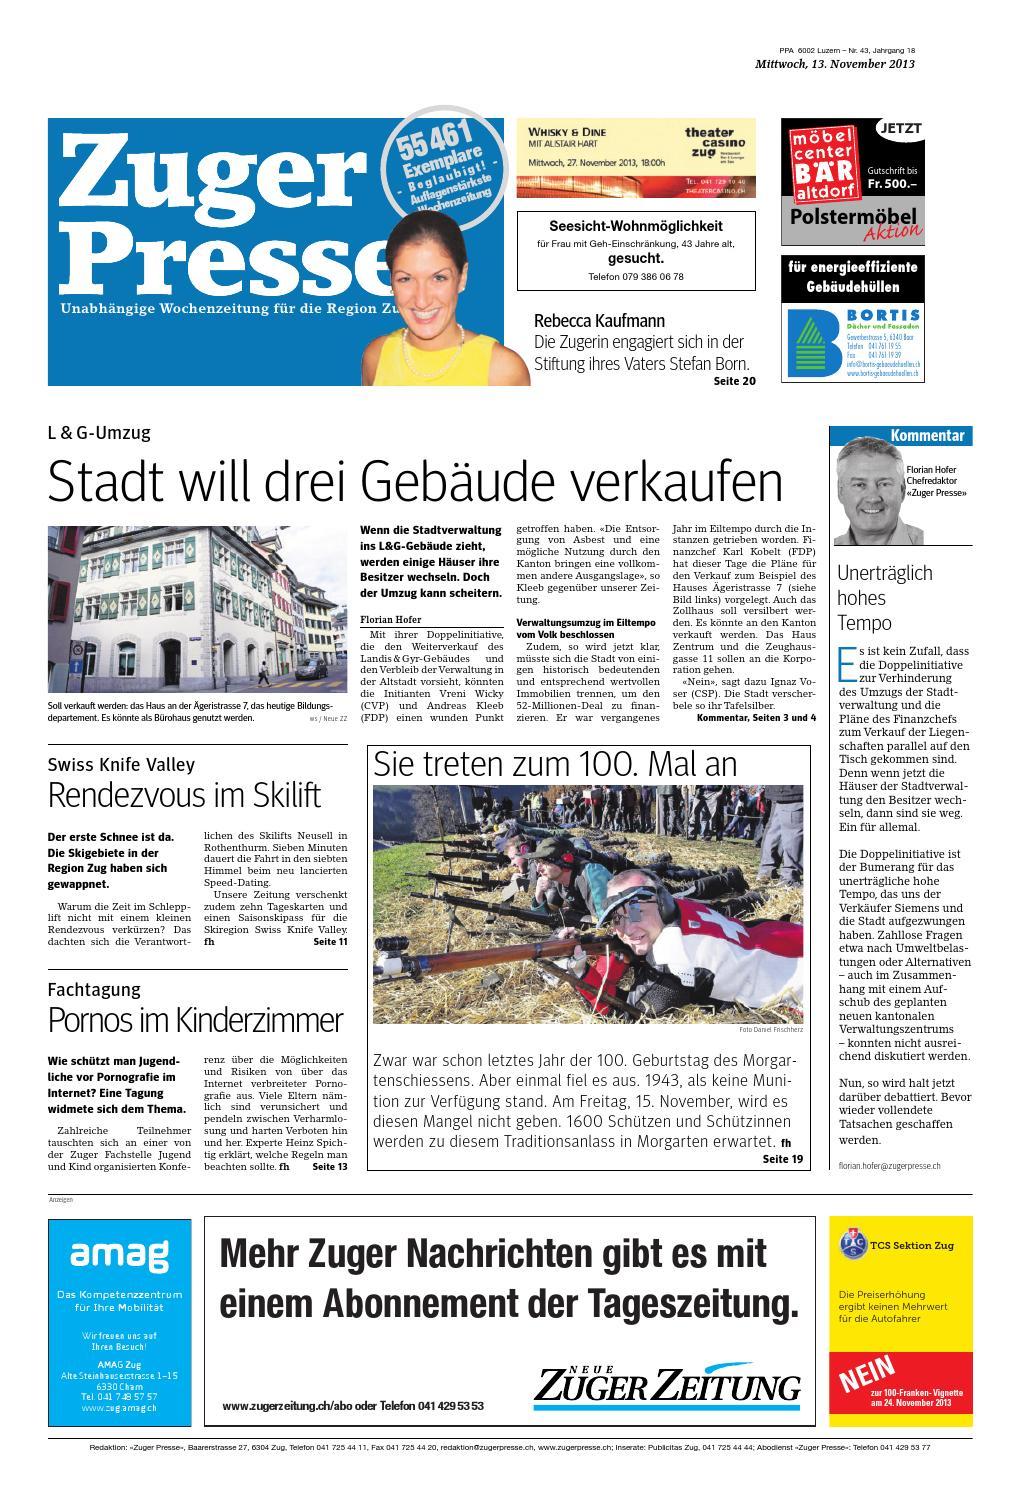 Aktuelle Nachrichten - Luzerner Zeitung